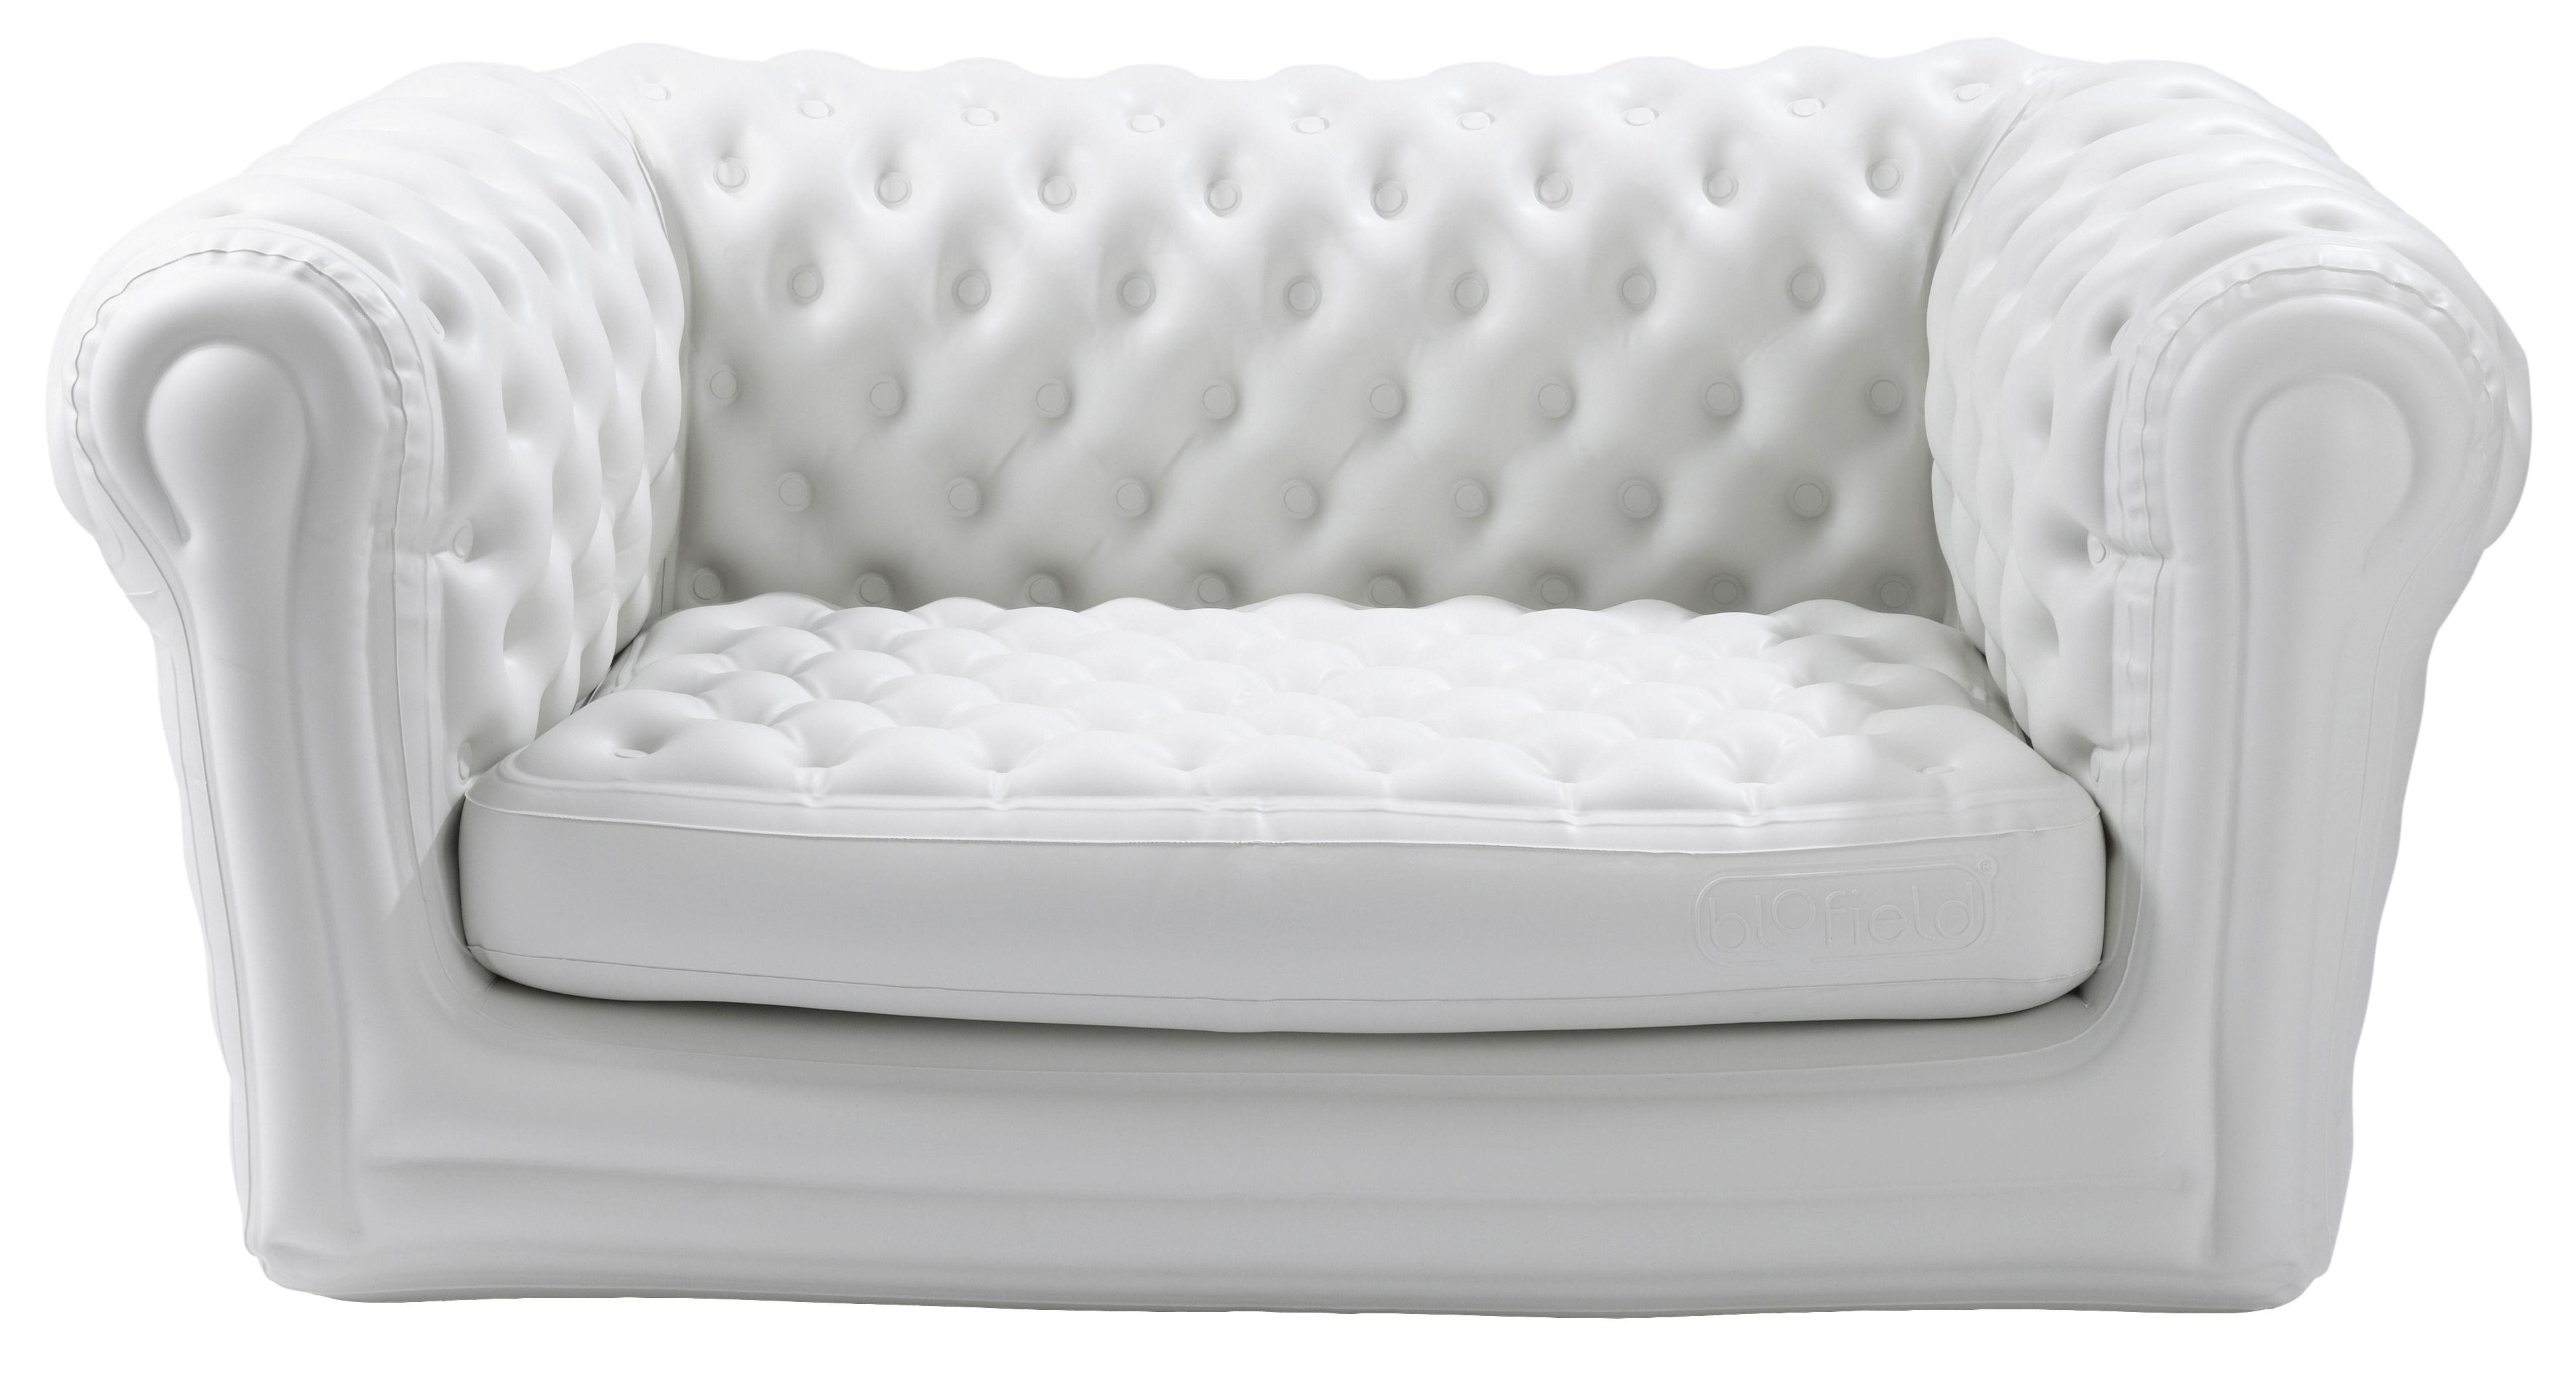 Mobilier - Canapés - Canapé droit Big Blo 2 / gonflable - 2 places - L 175 cm - Blofield - Blanc - Nylon, PVC